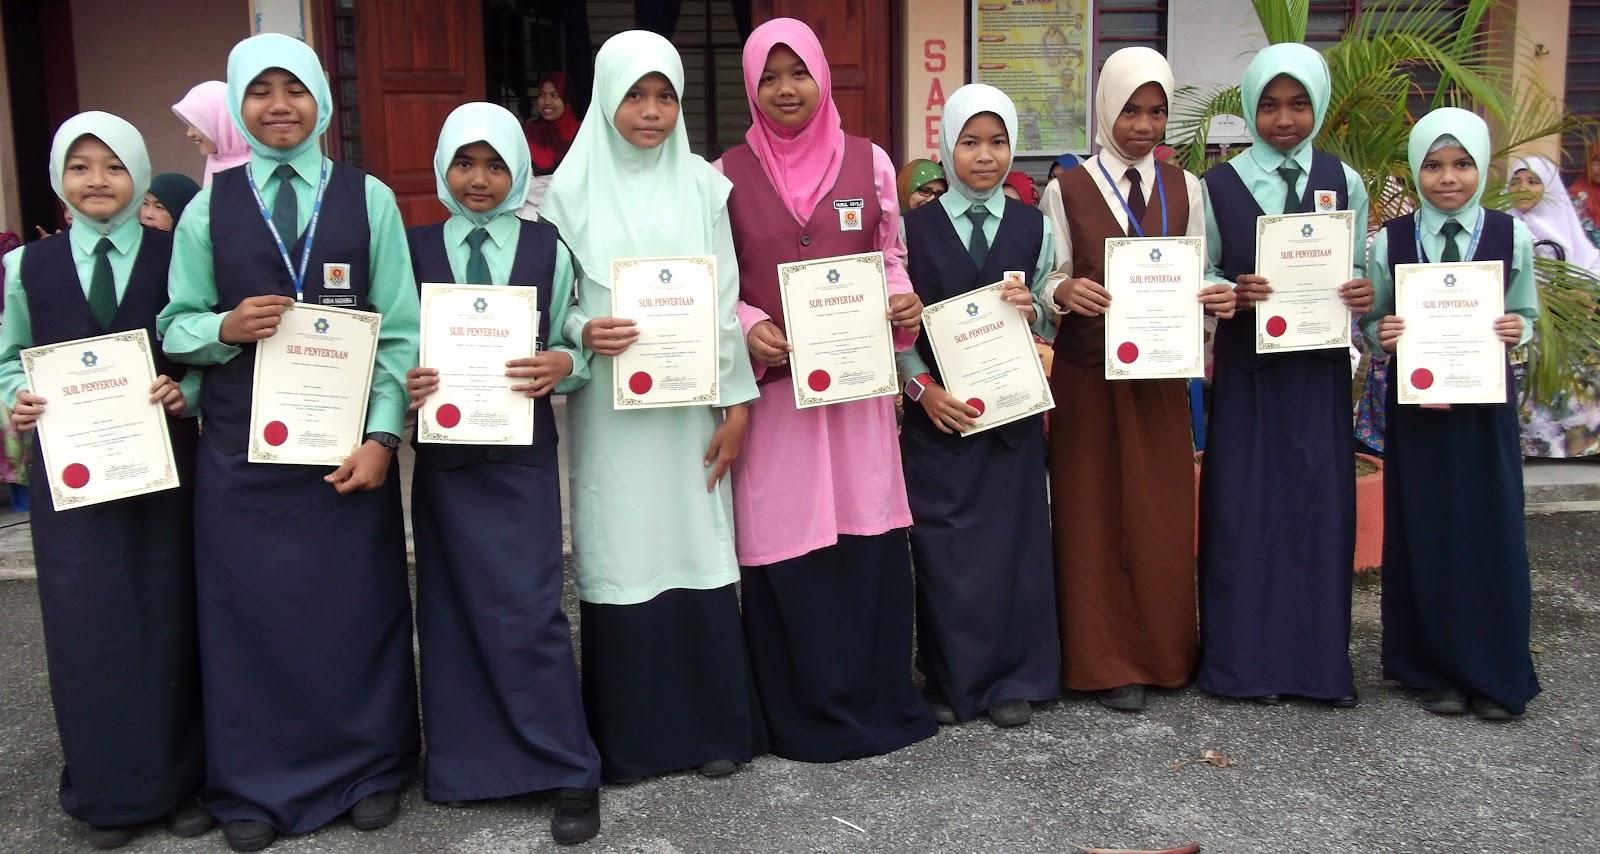 Sekalung tahniah diucapkan kepada semua peserta perkhemahan Pandu